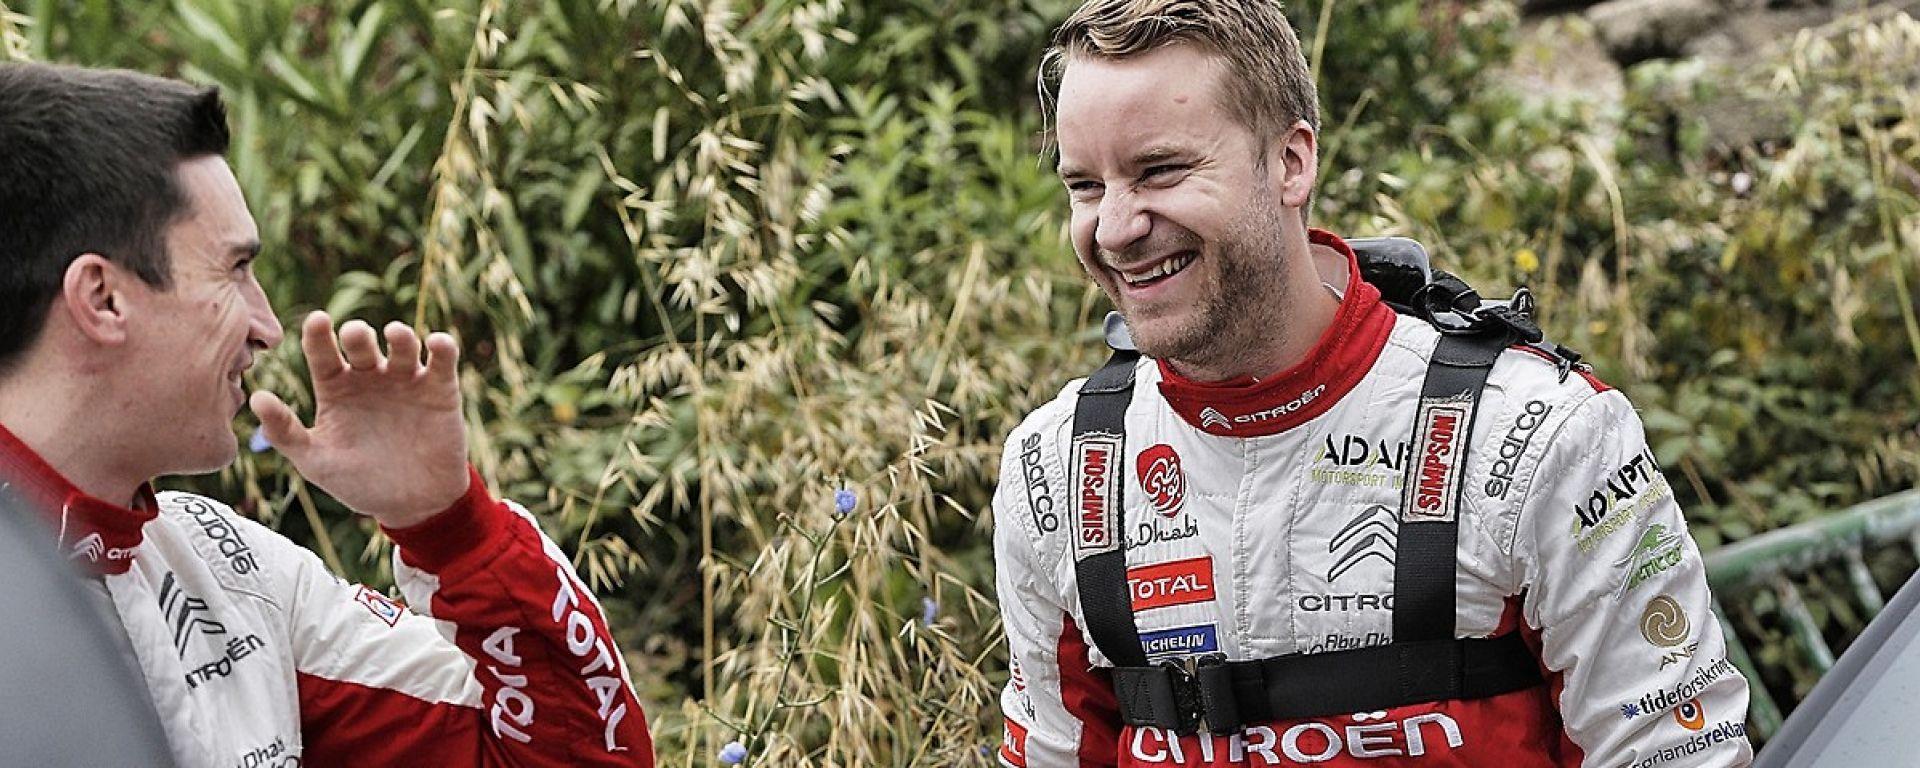 WRC 2018: Mads Ostberg sarà pilota ufficiale Citroen per tutta la stagione